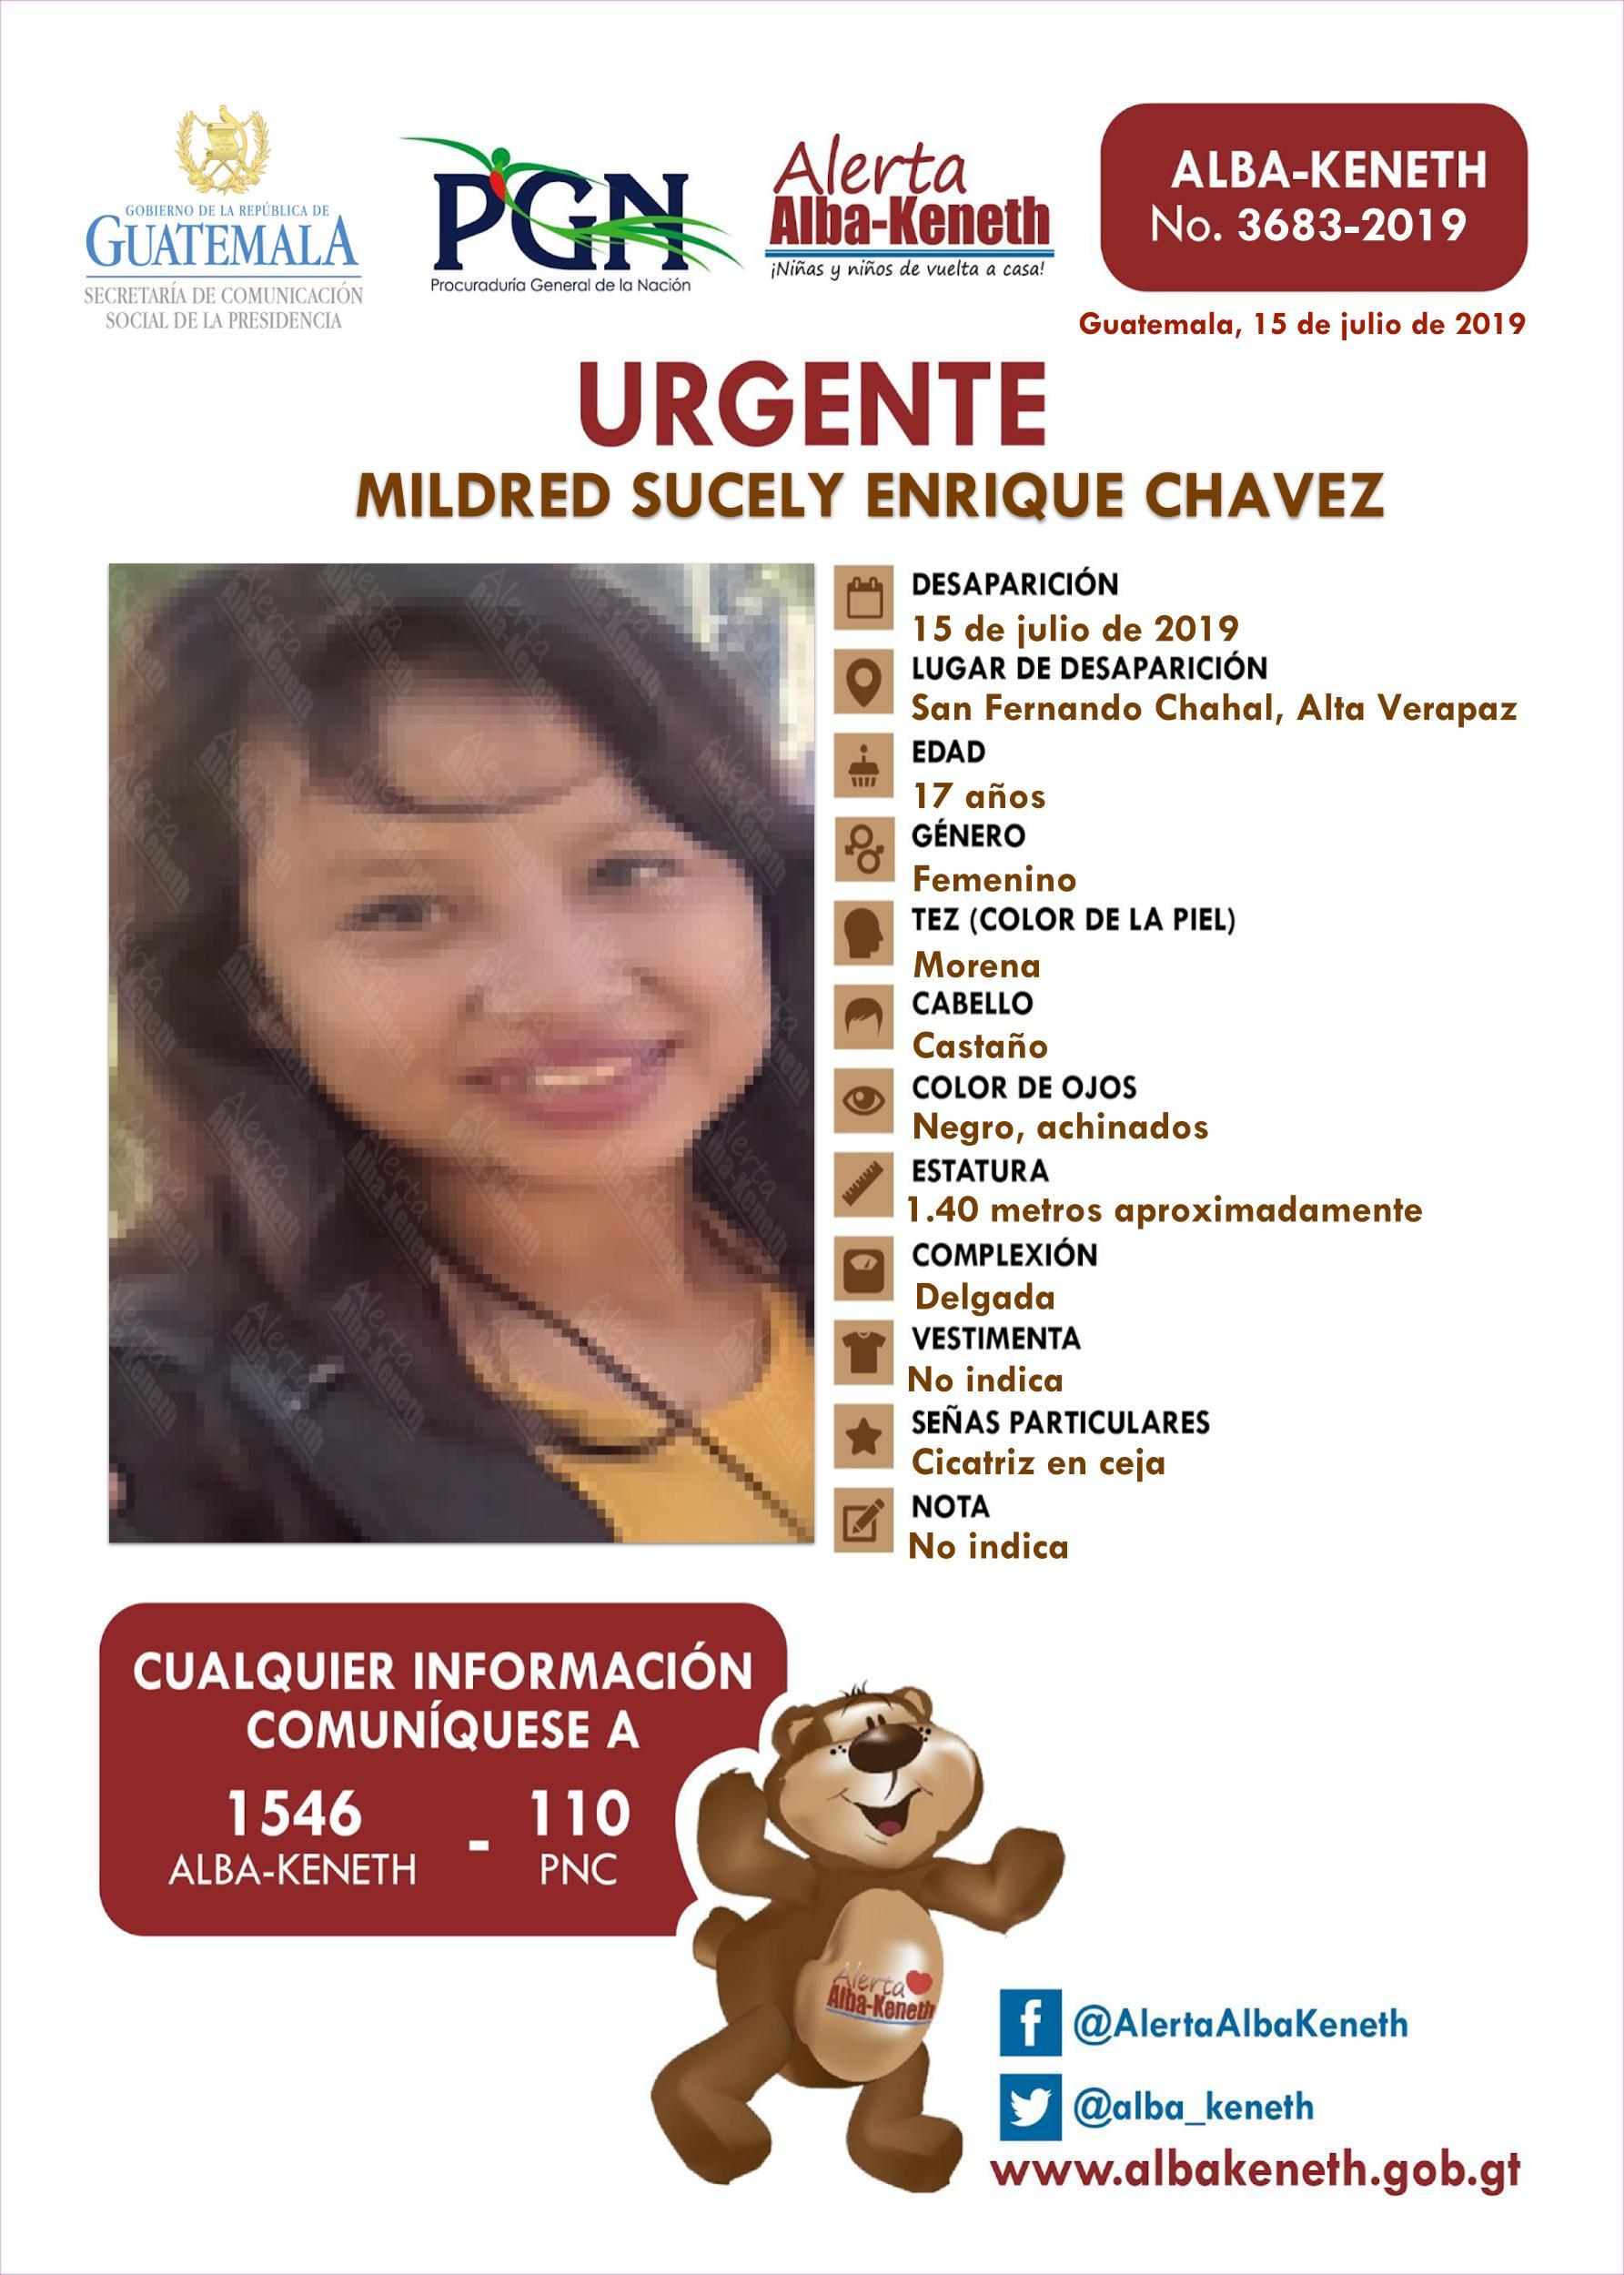 Mildred Sucely Enrique Chavez